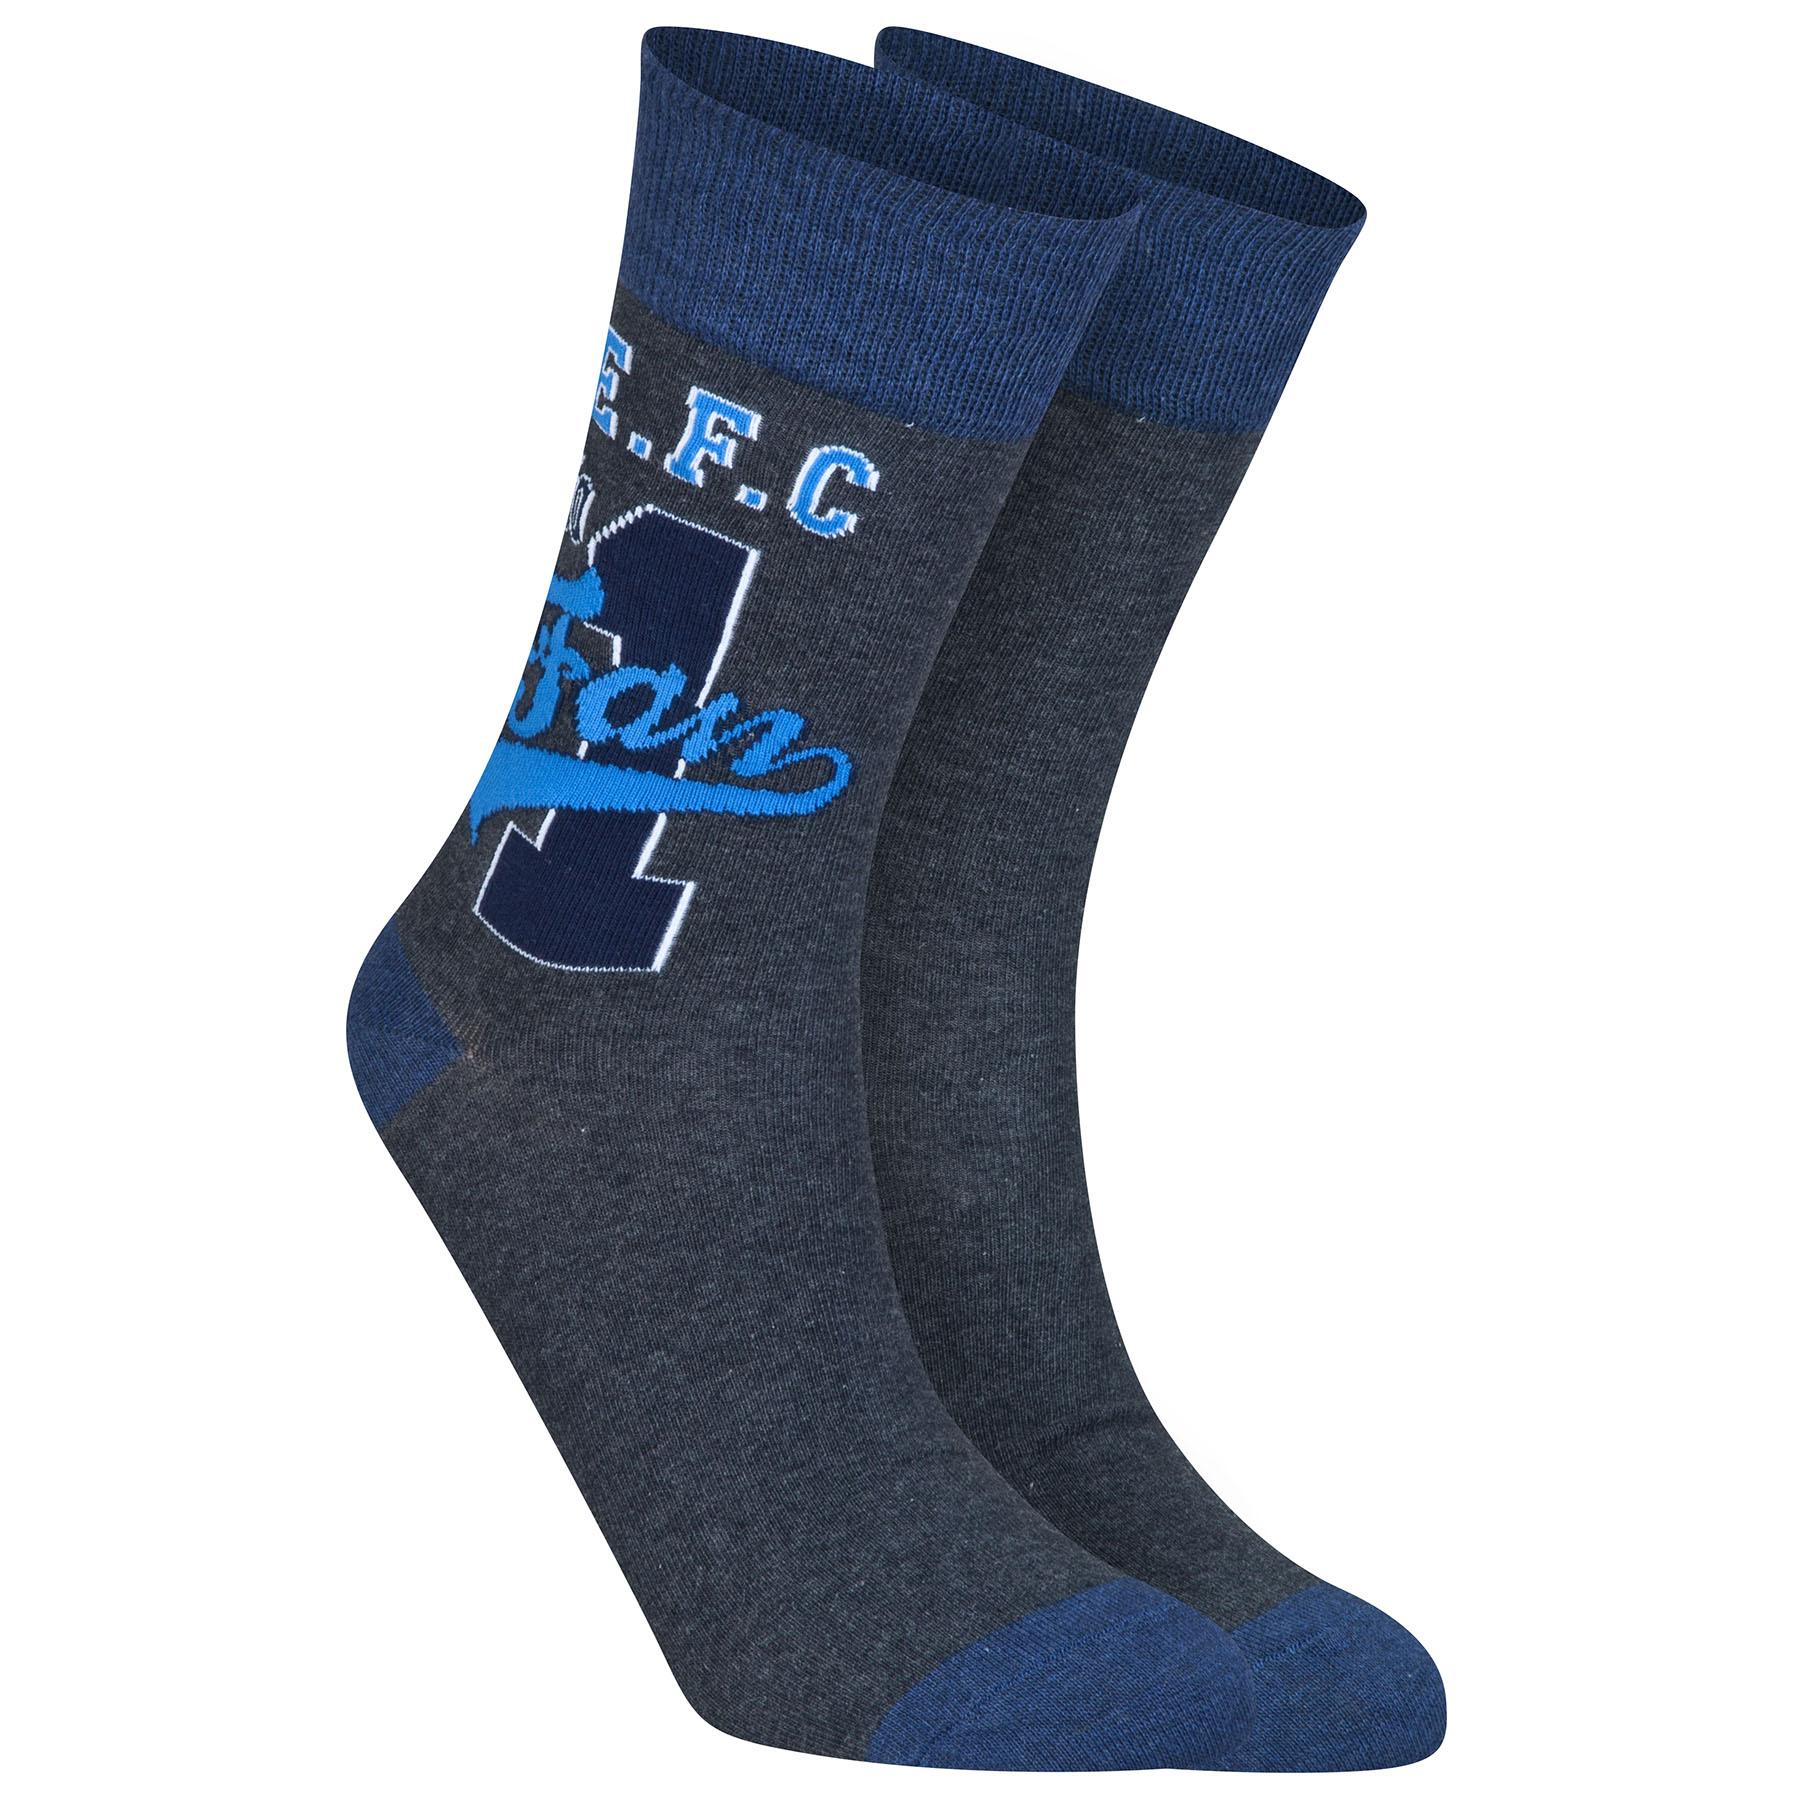 Everton Fan Socks - Charcoal Marl - Older Boys